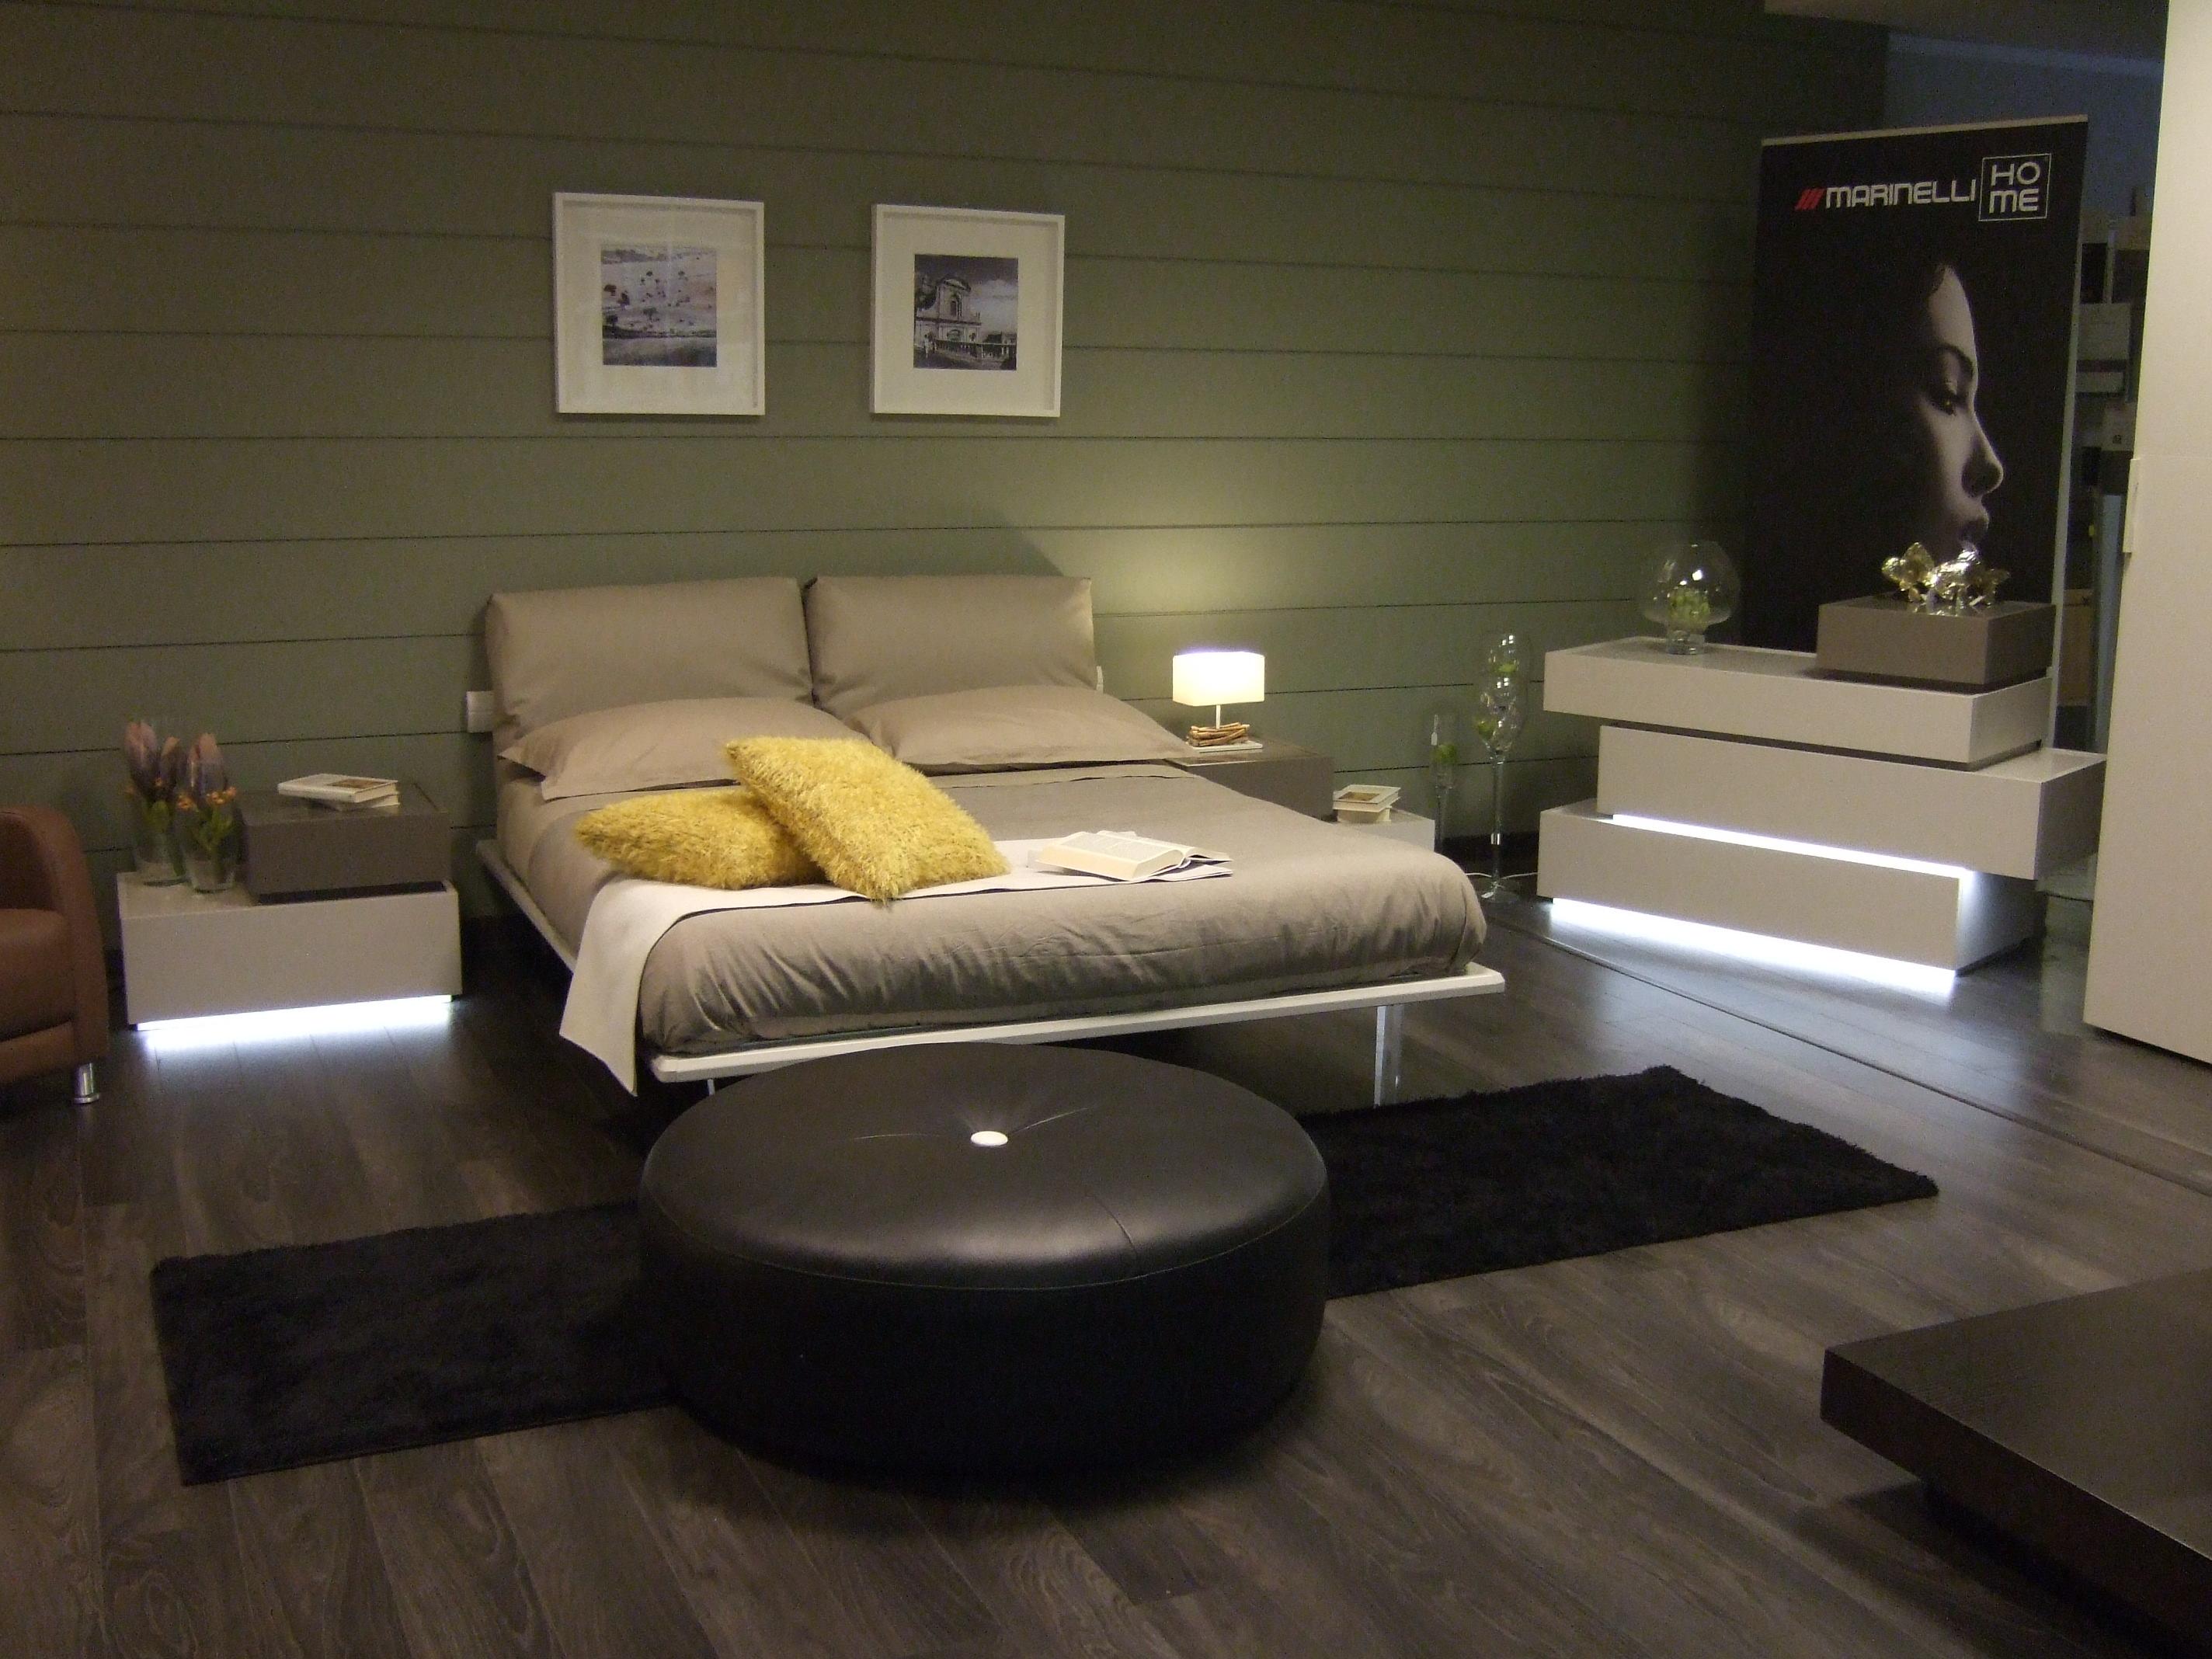 Replay la nuova camera da letto arrivata in negozio - Poltroncina camera da letto ...